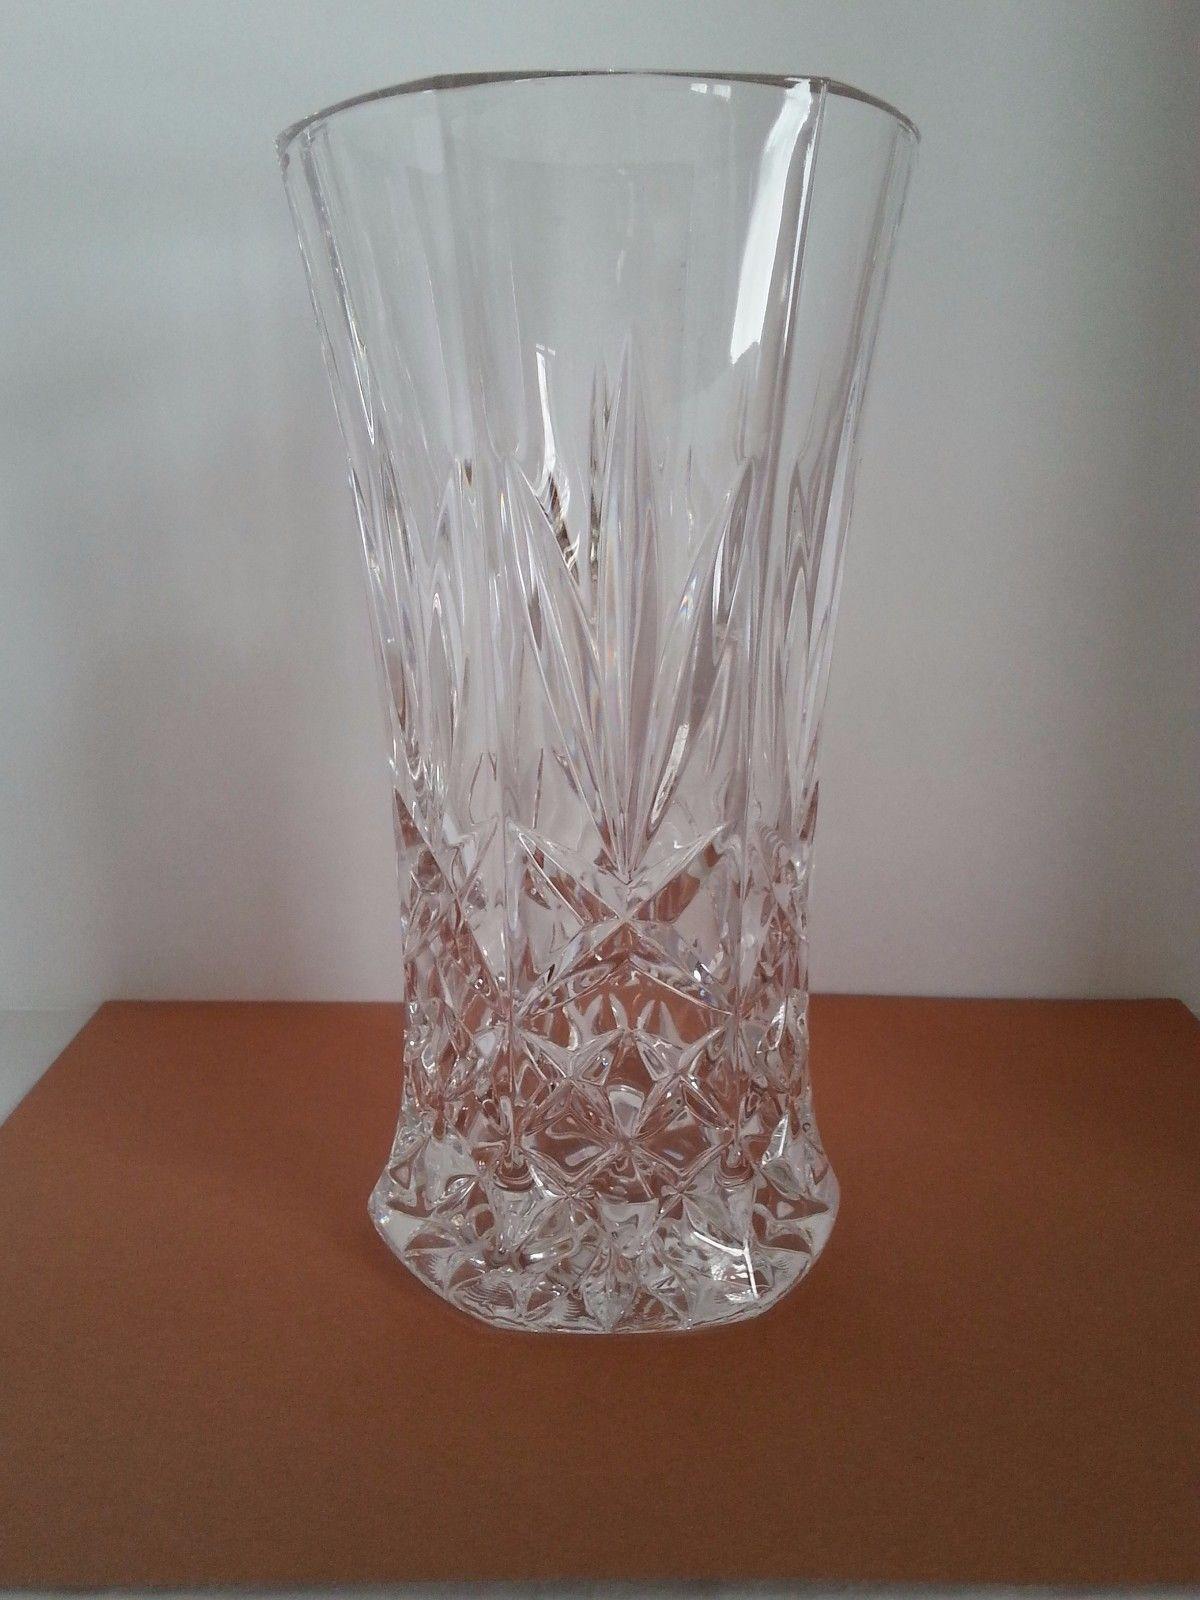 cut crystal bud vase of image result for vintage lead glass vase vintage pinterest inside image result for vintage lead glass vase